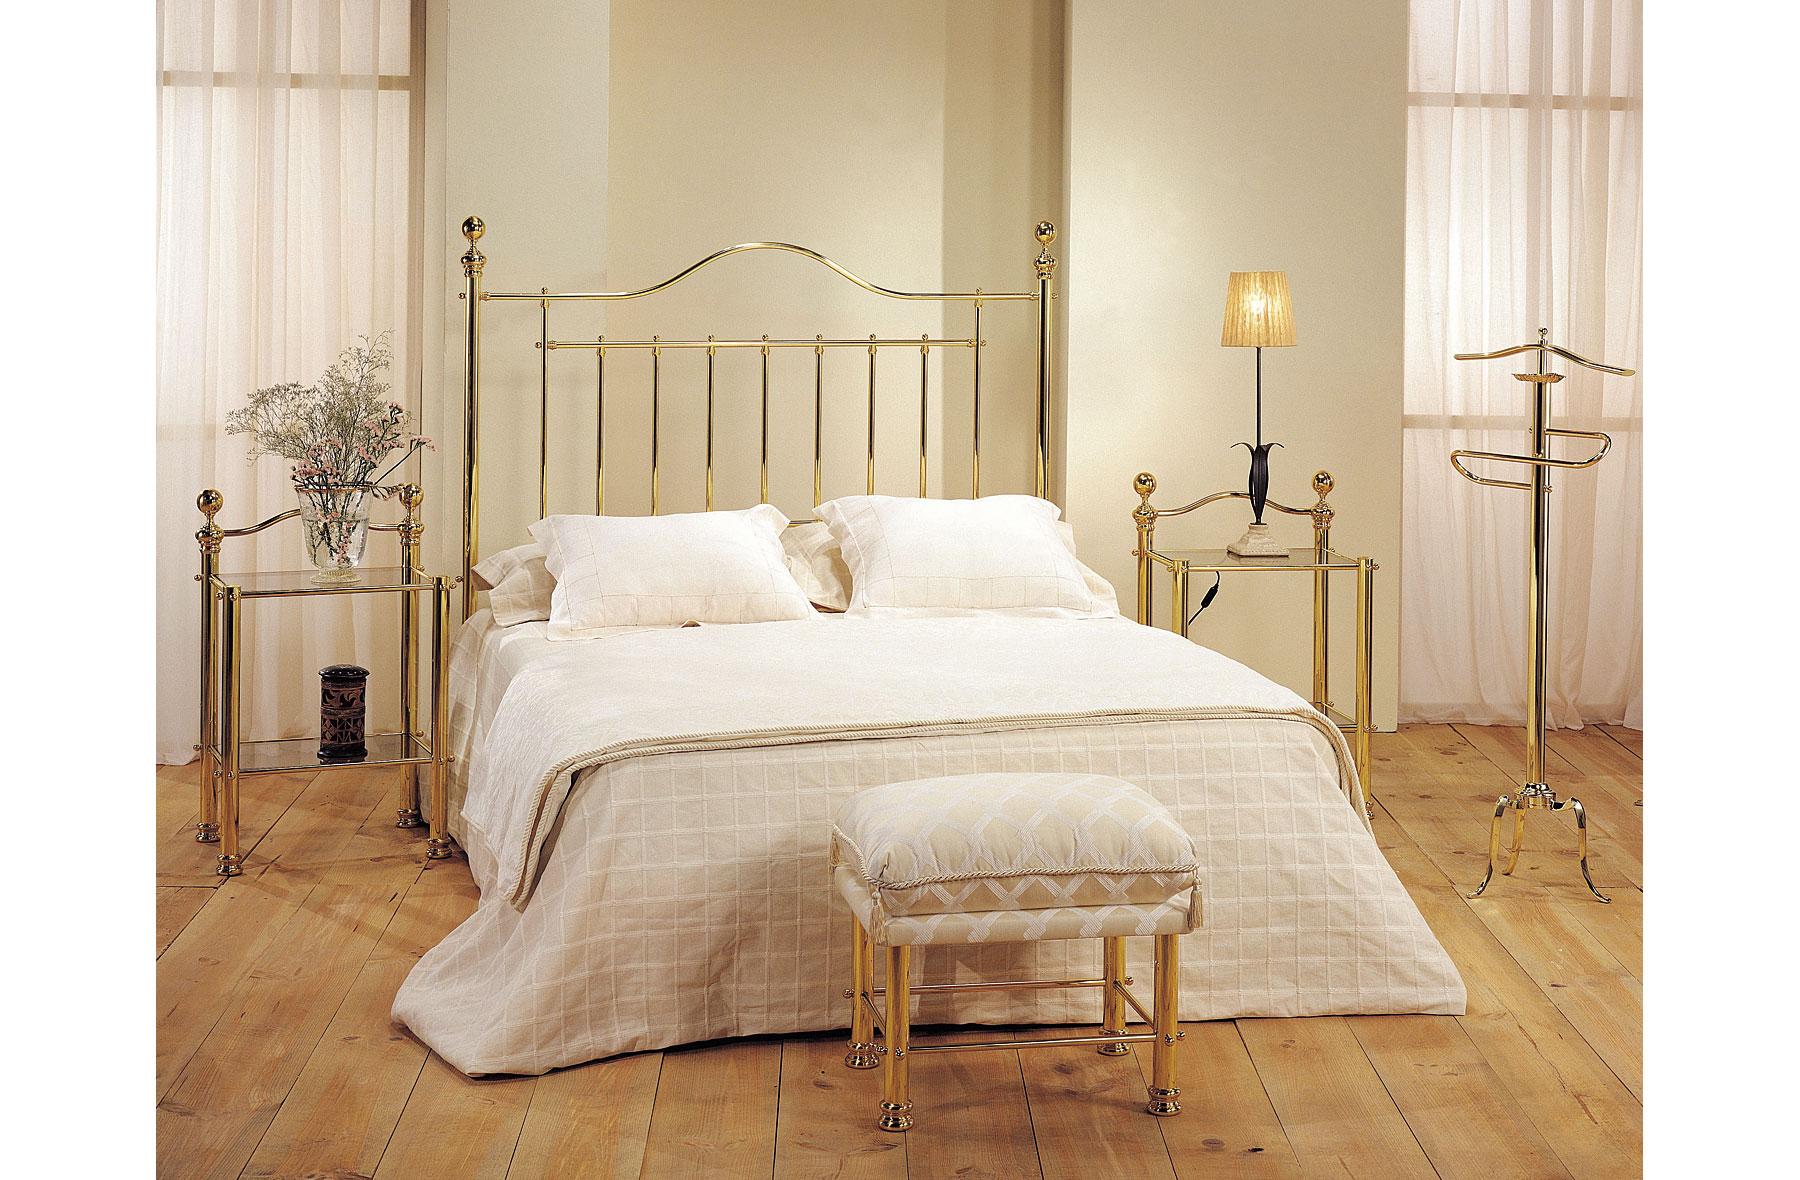 Dormitorio forja noemi en - Muebles en forja ...